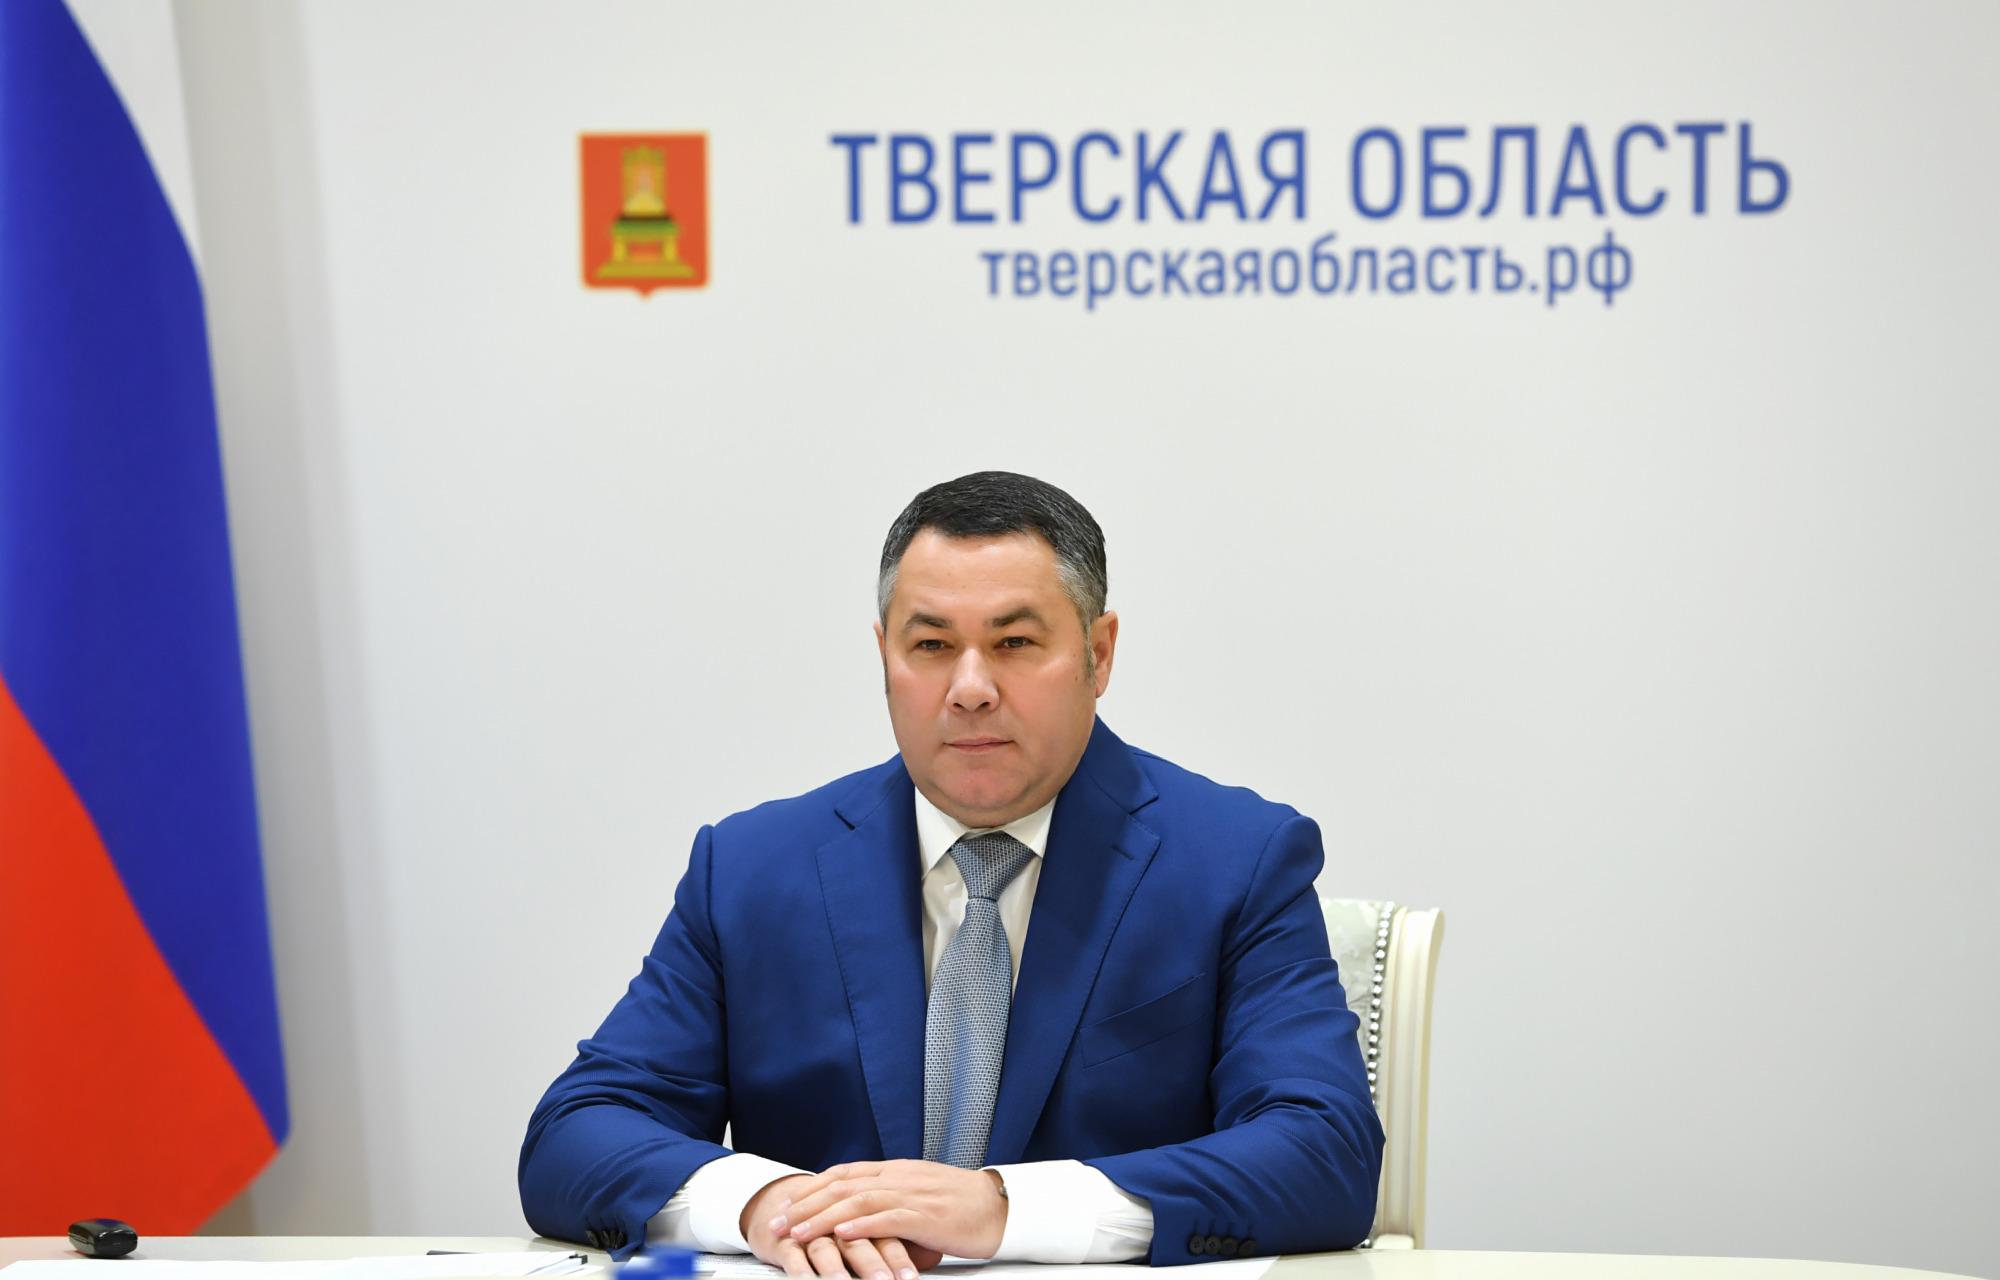 Игорь Руденя принял участие в заседании межведомственной рабочей группы по созданию культурно-исторического кластера в городе Твери - новости Афанасий